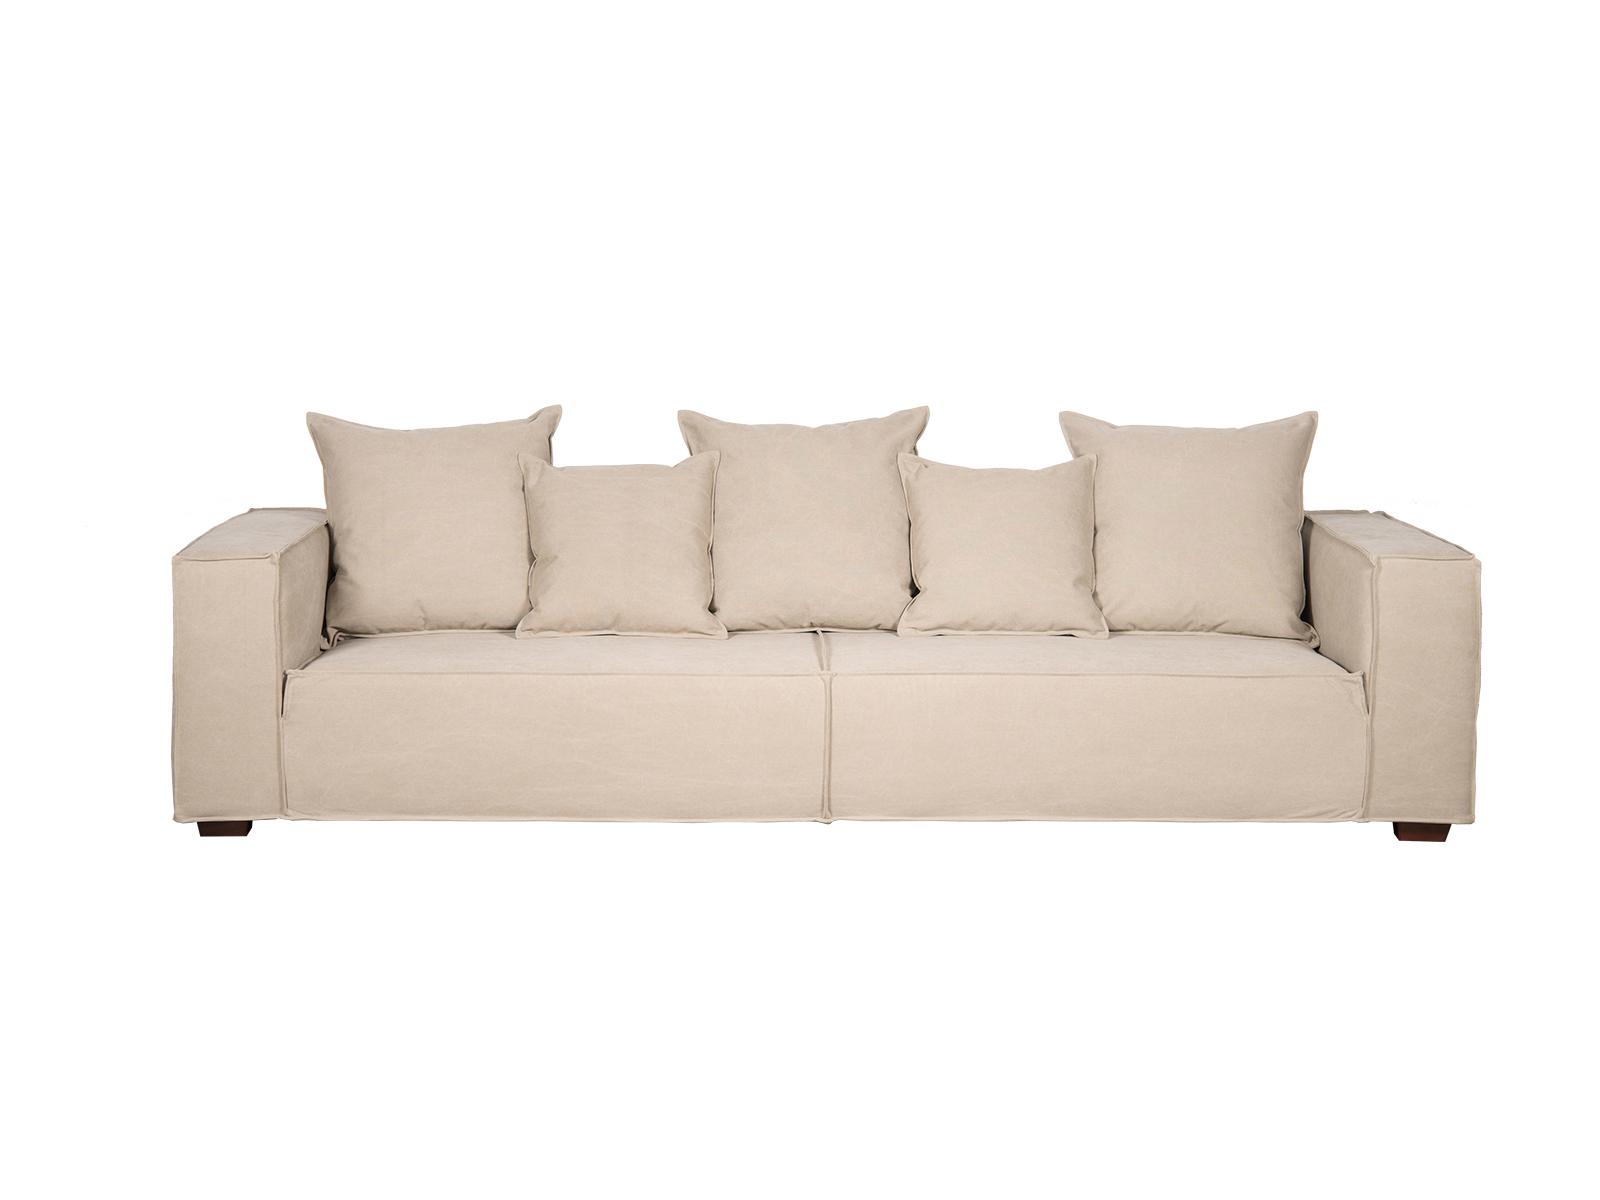 Canapea Fixa Nicole